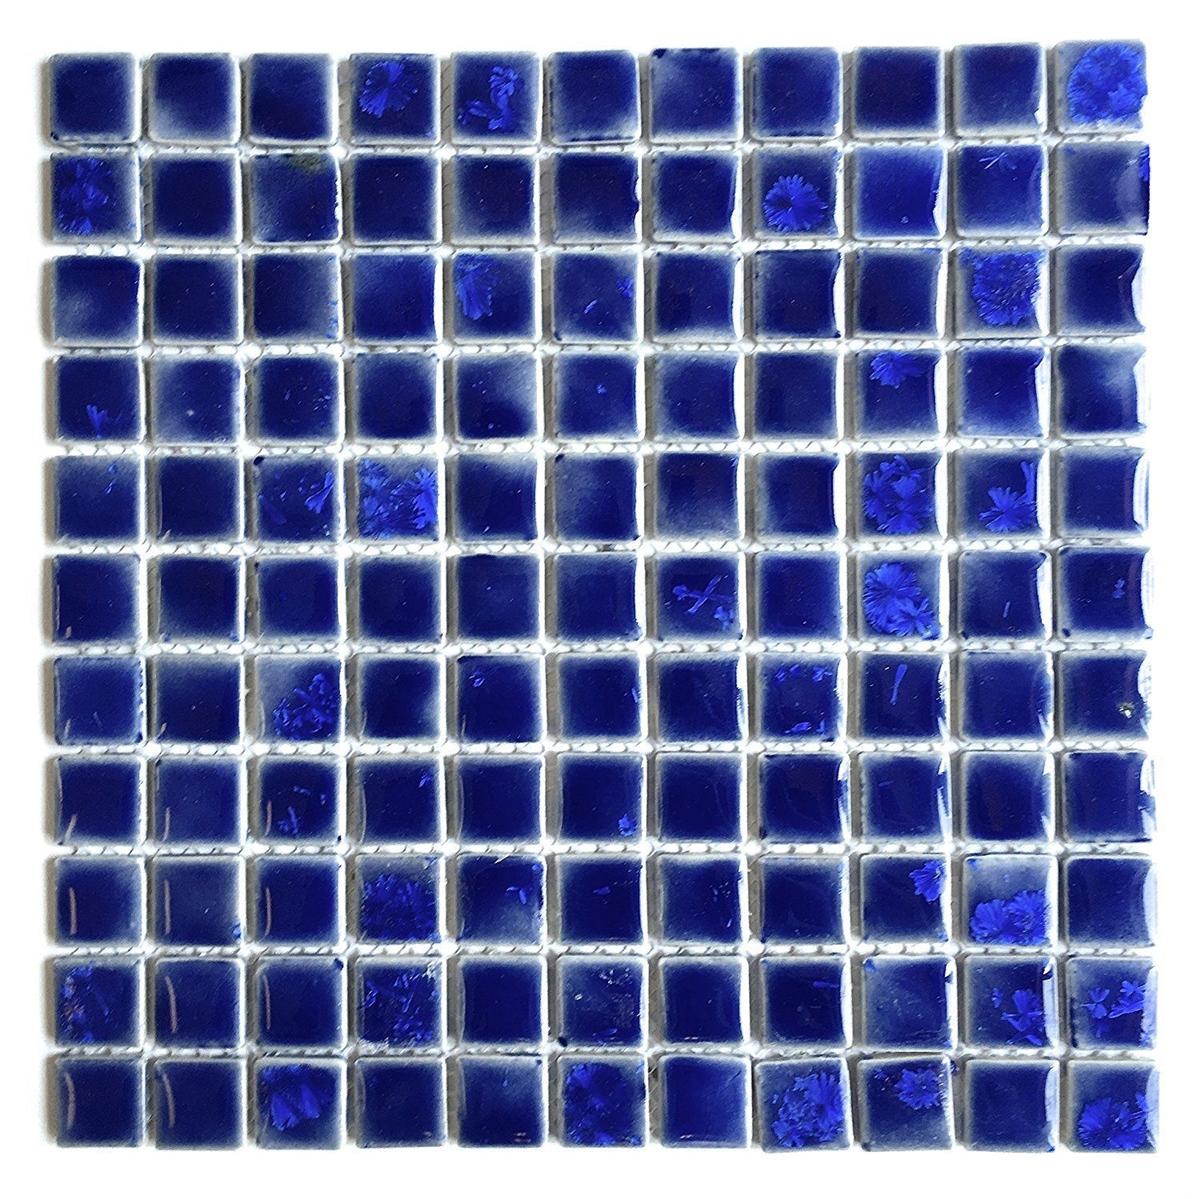 1x1 glossy navy blue shimmering handmade porcelain mosaic tile